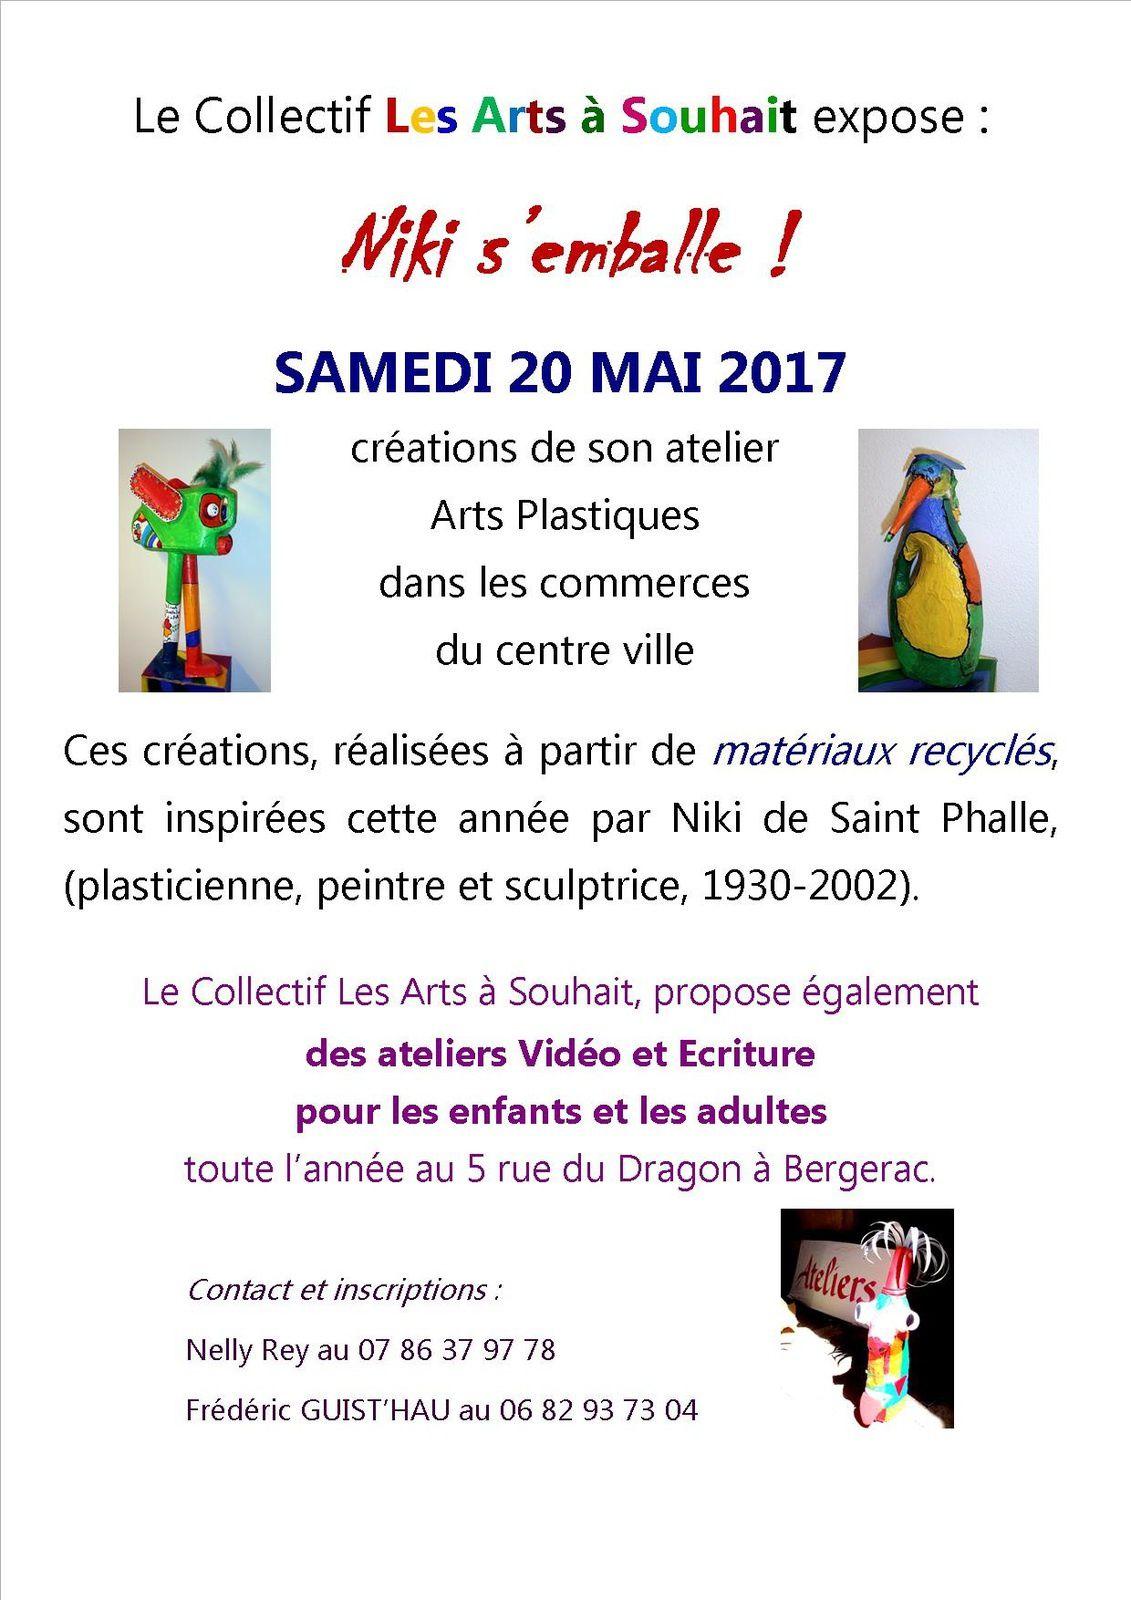 Les Arts à Souhait à Bergerac